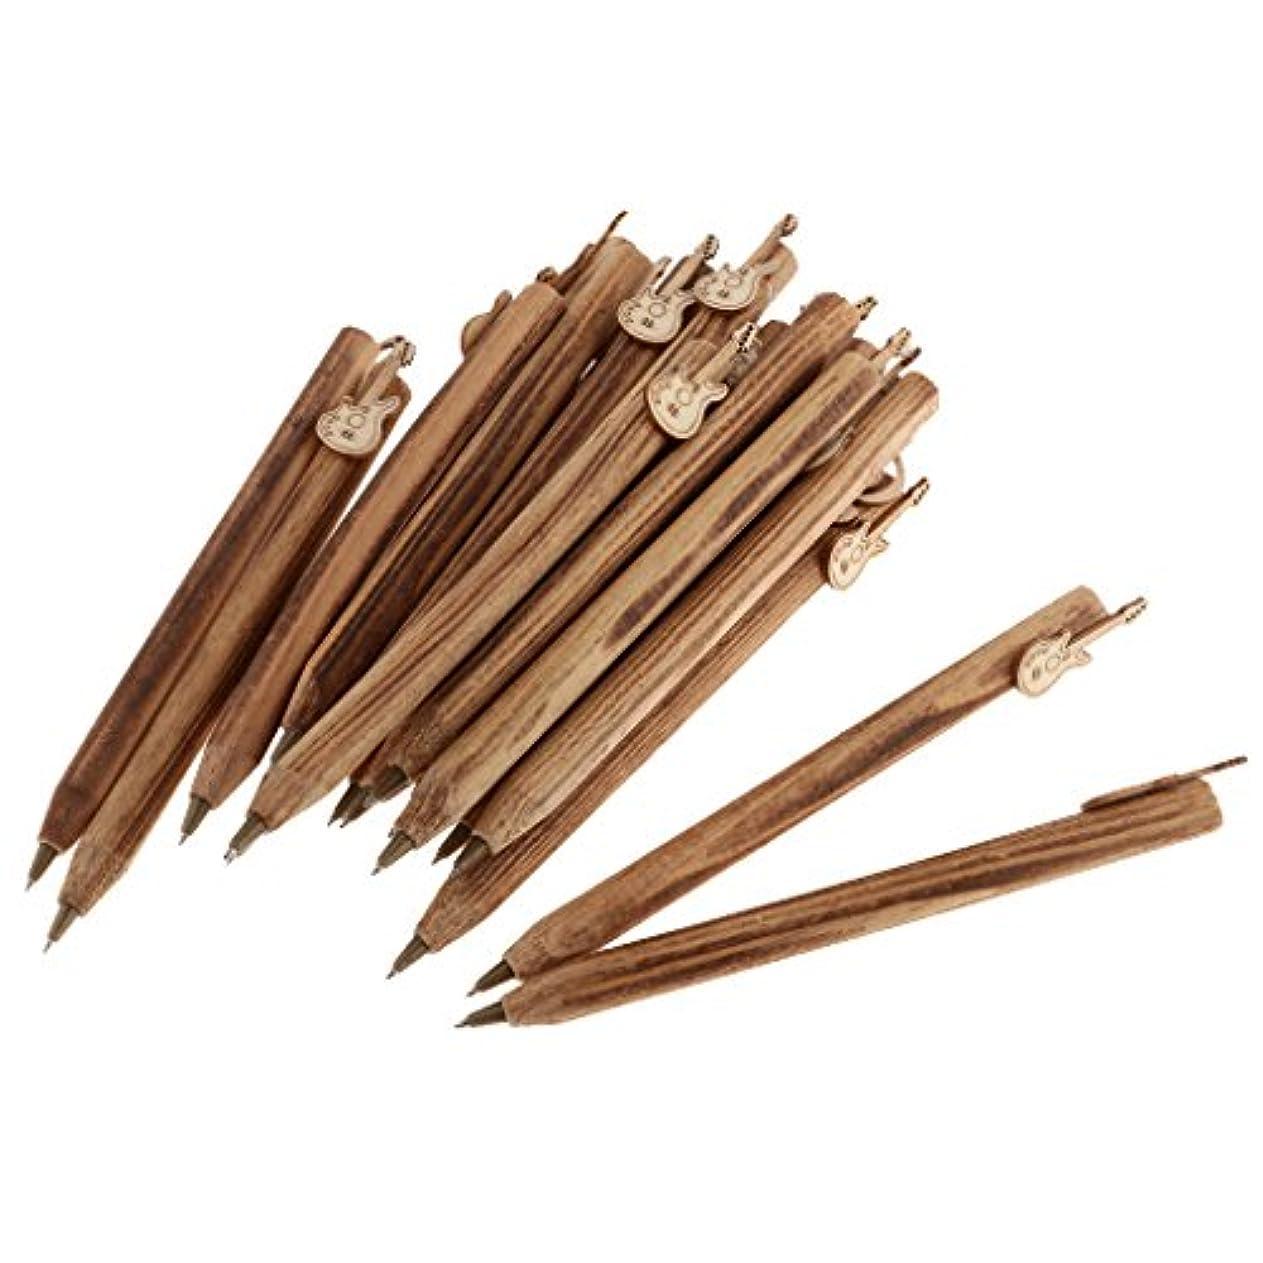 失態ふさわしい取り付け約20個 ボールペン 木製 木彫り ギフト 学生 子供 書き込み 文房具